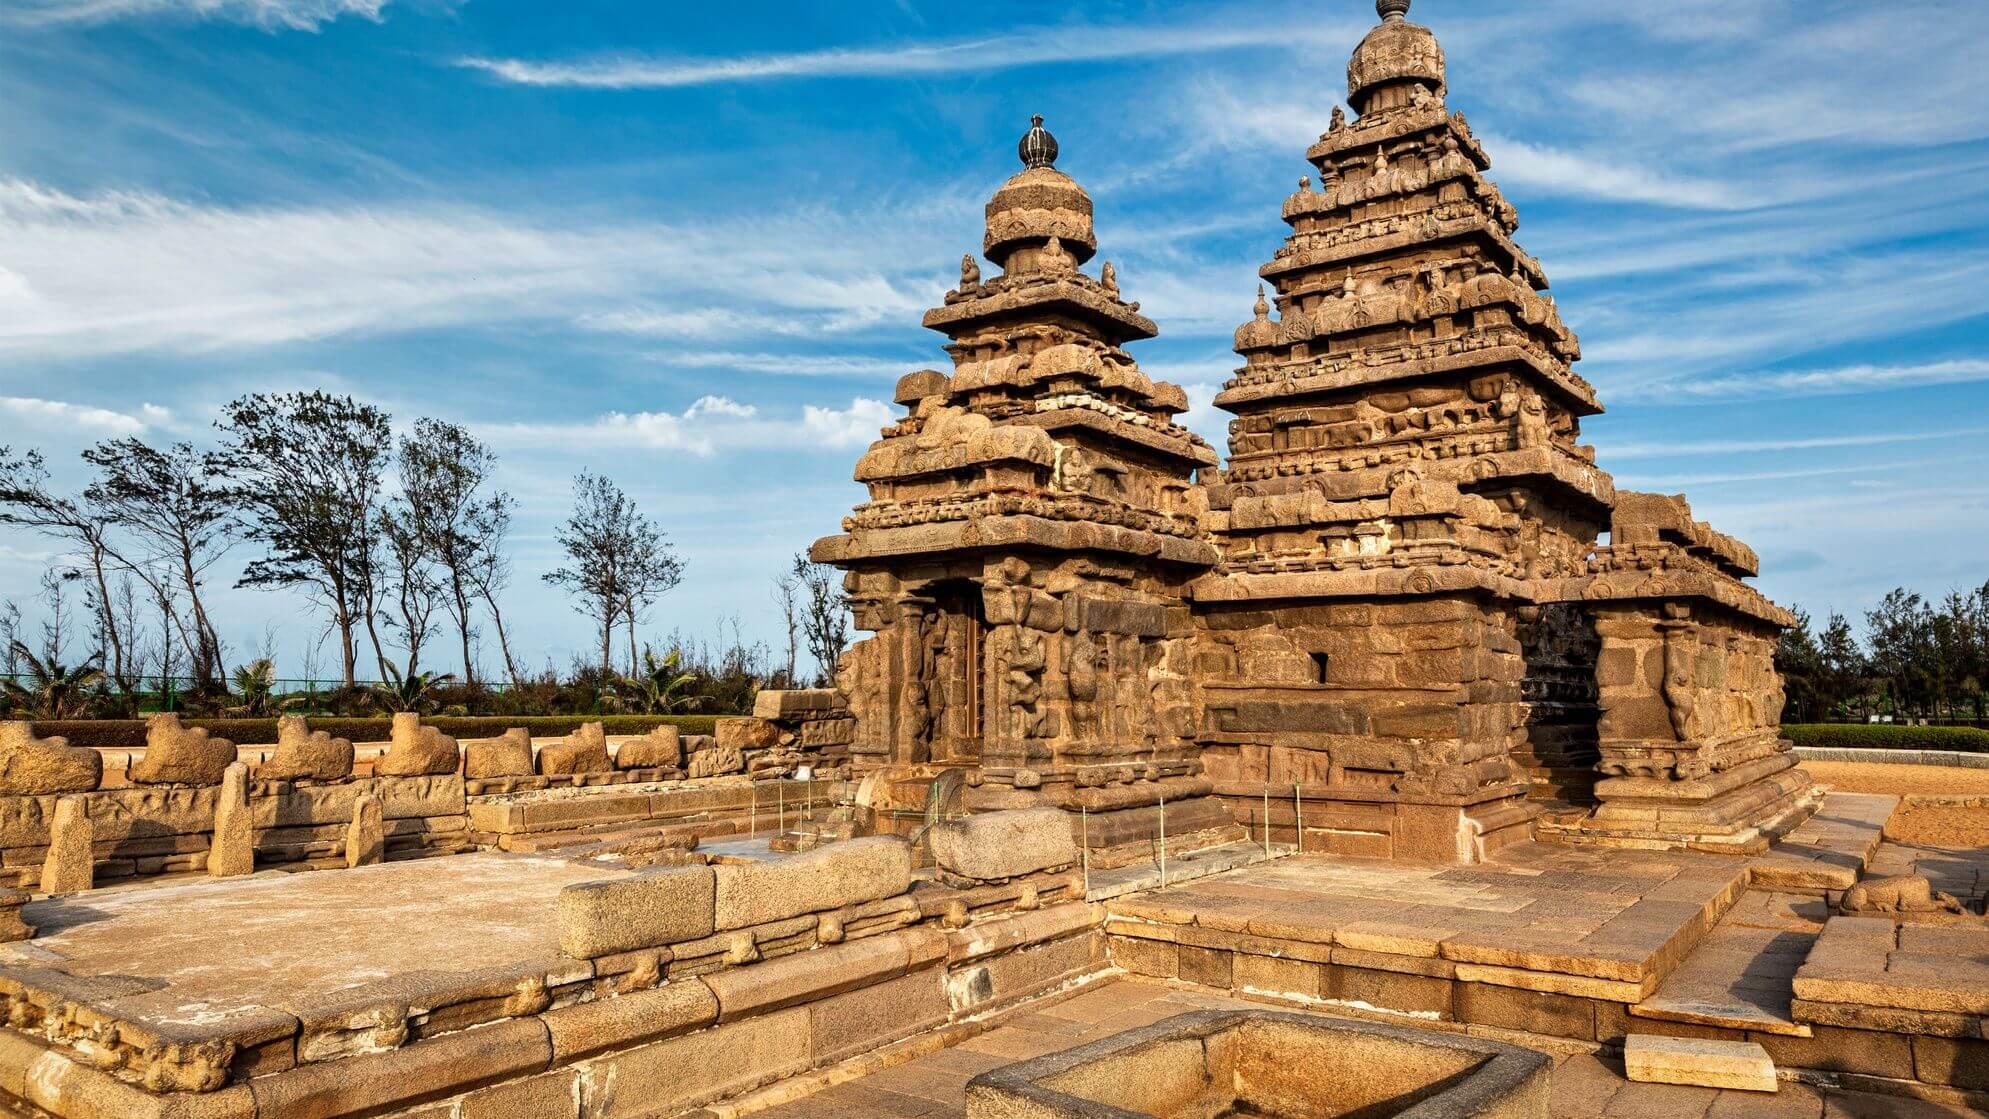 Mahapalipuram